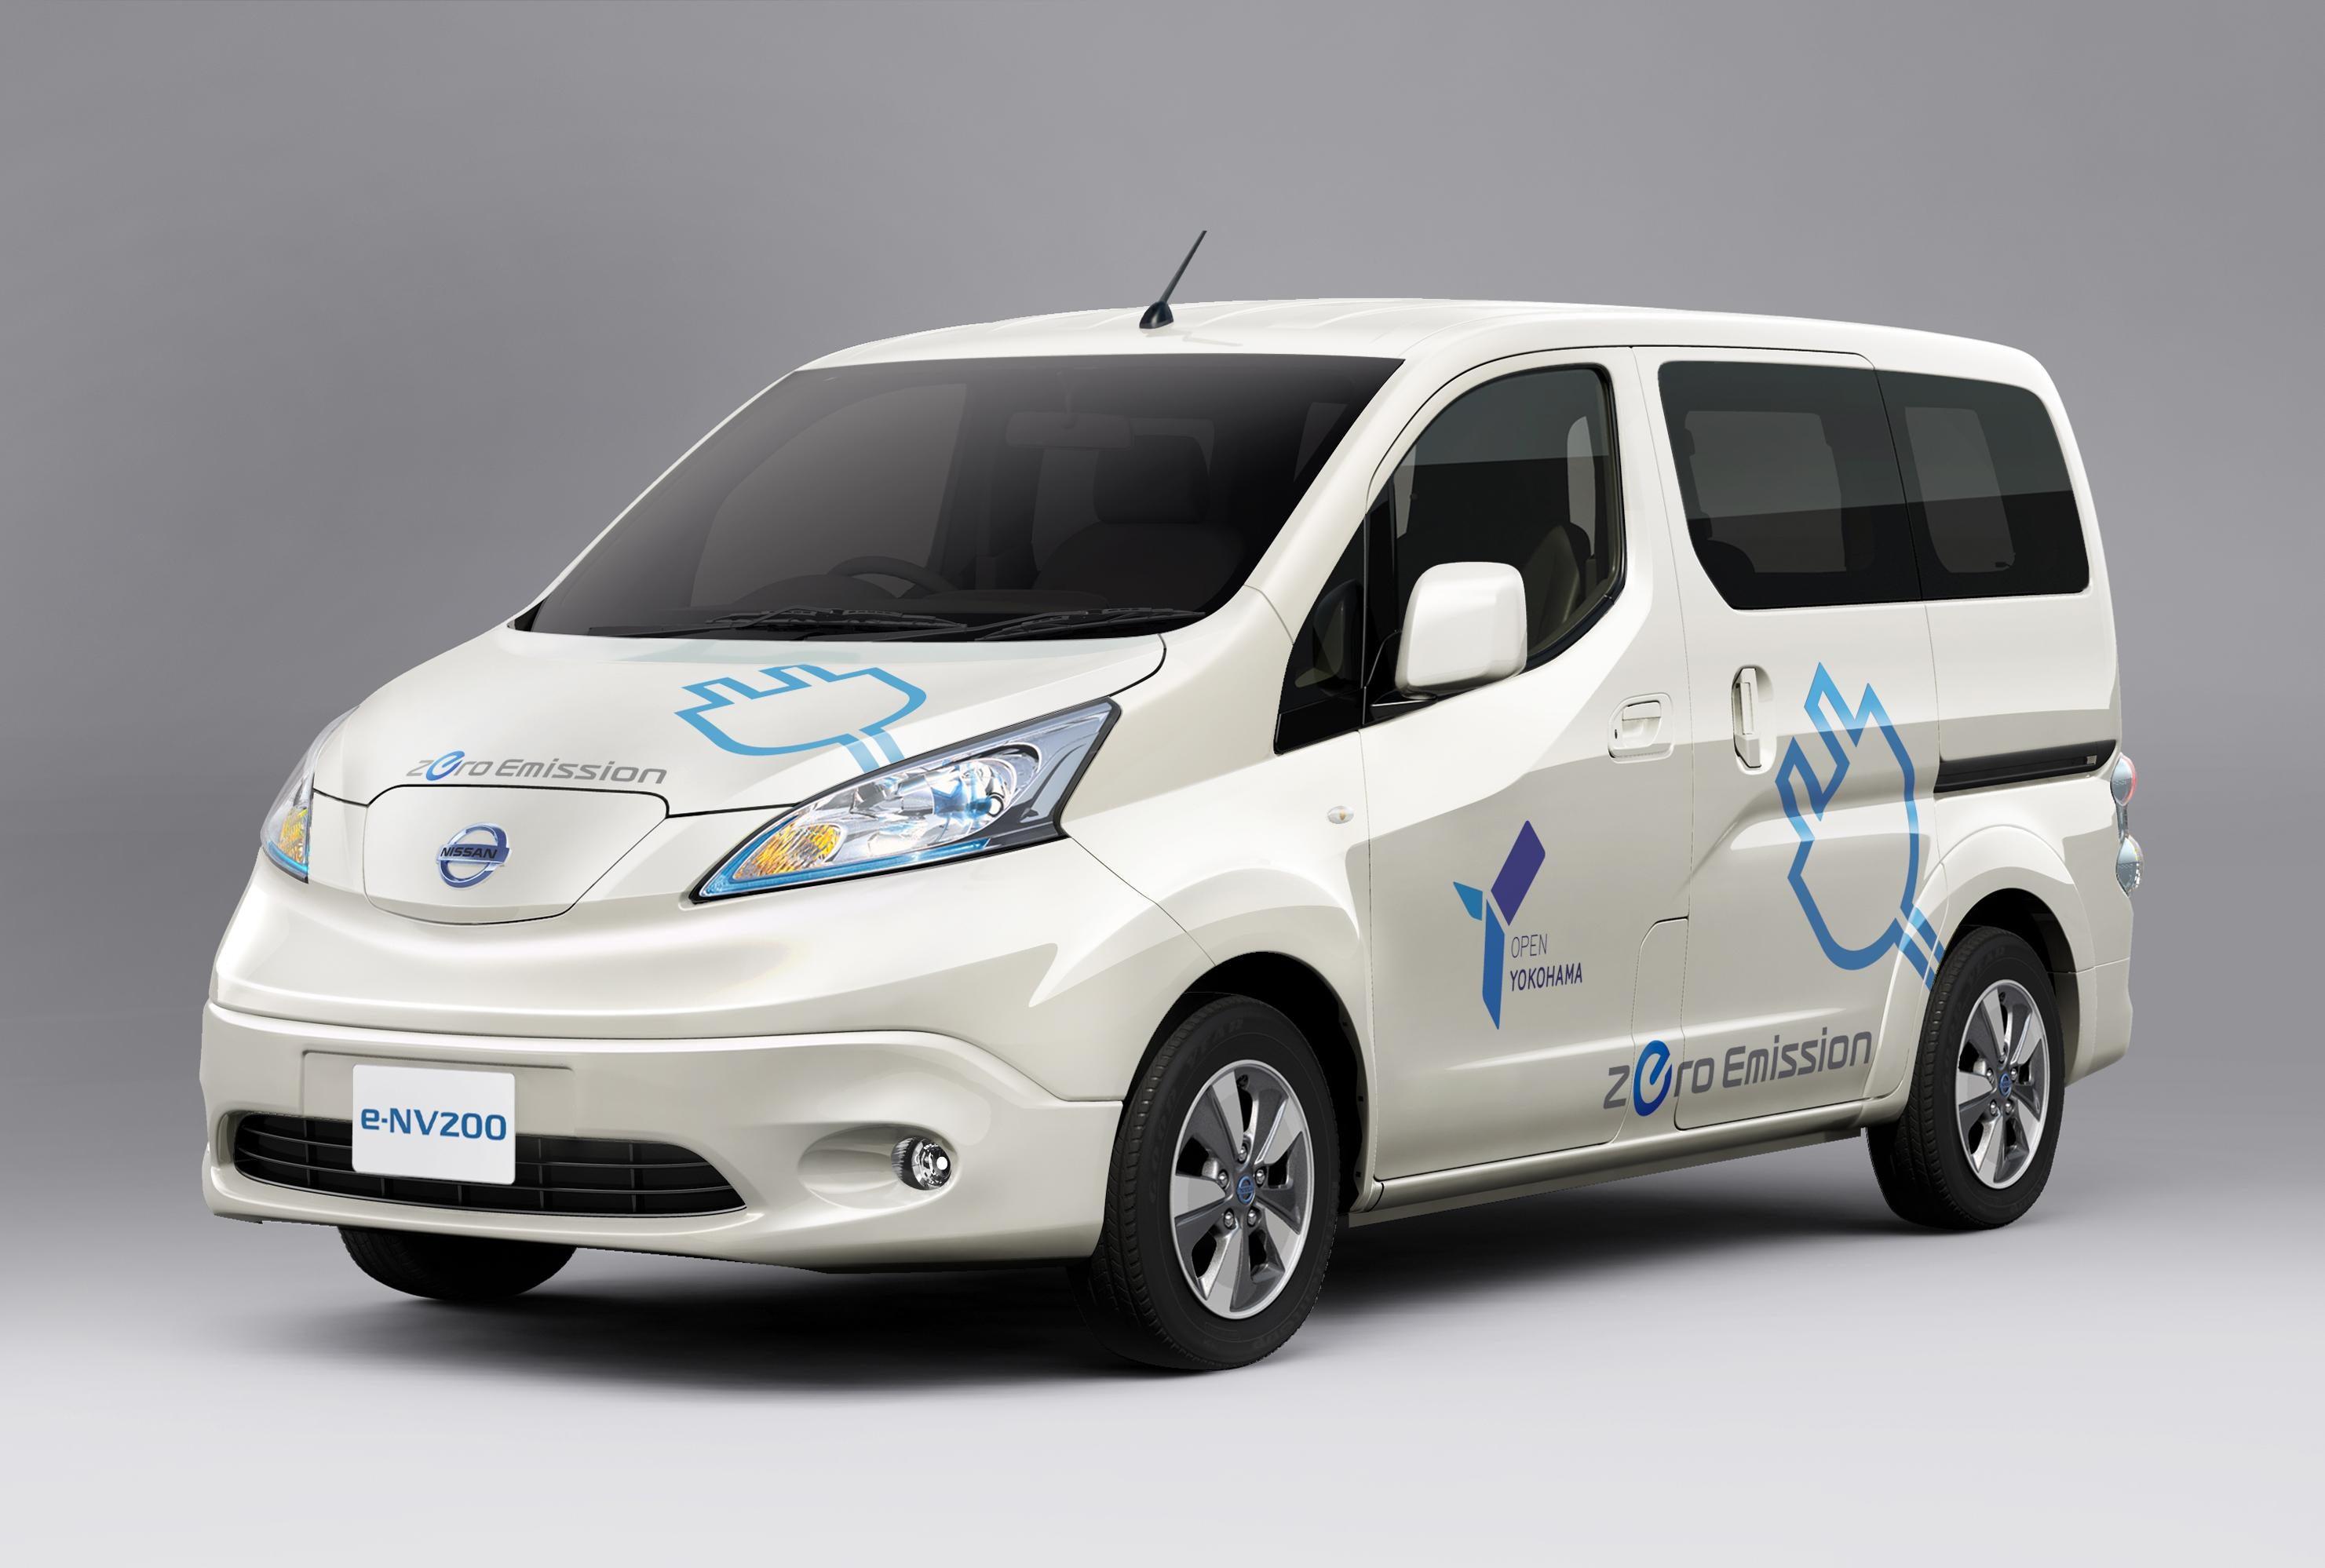 商用EVバン日産e-NV200がスペインで生産スタートスポーツ新着ニュース編集部のイチオシ記事